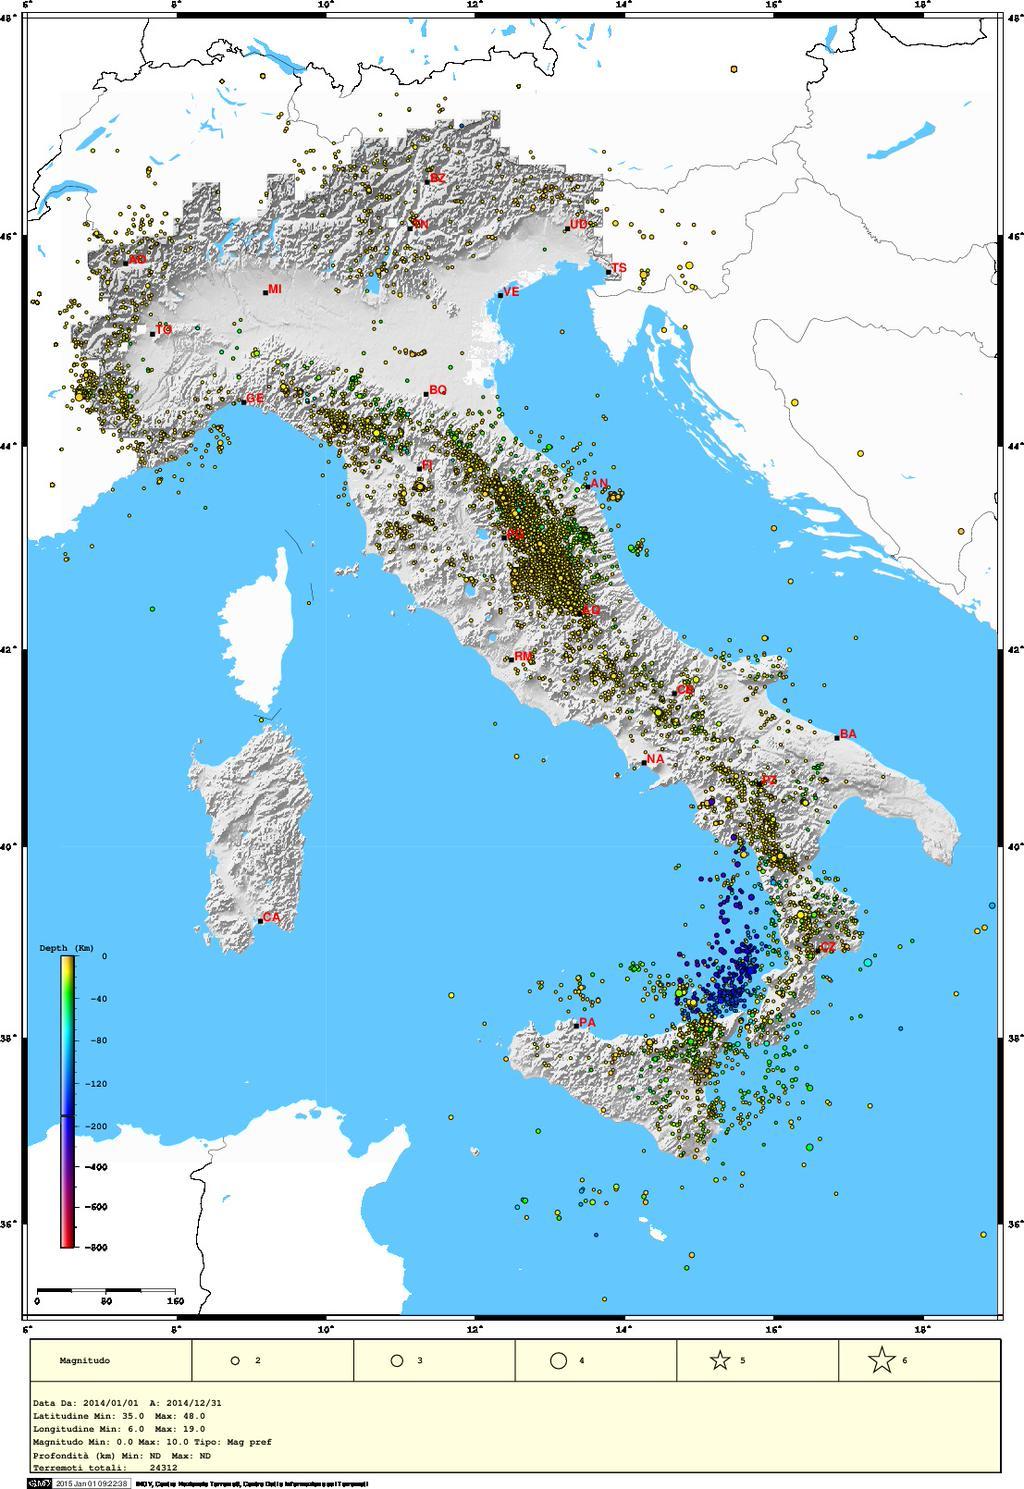 Cartina Dolomiti Italia.Mappa Dei Terremoti 24 312 Localizzati Dall Ingv In Italia Nel 2014 Bloz Il Blog Su Lozzo Di Cadore Dolomiti